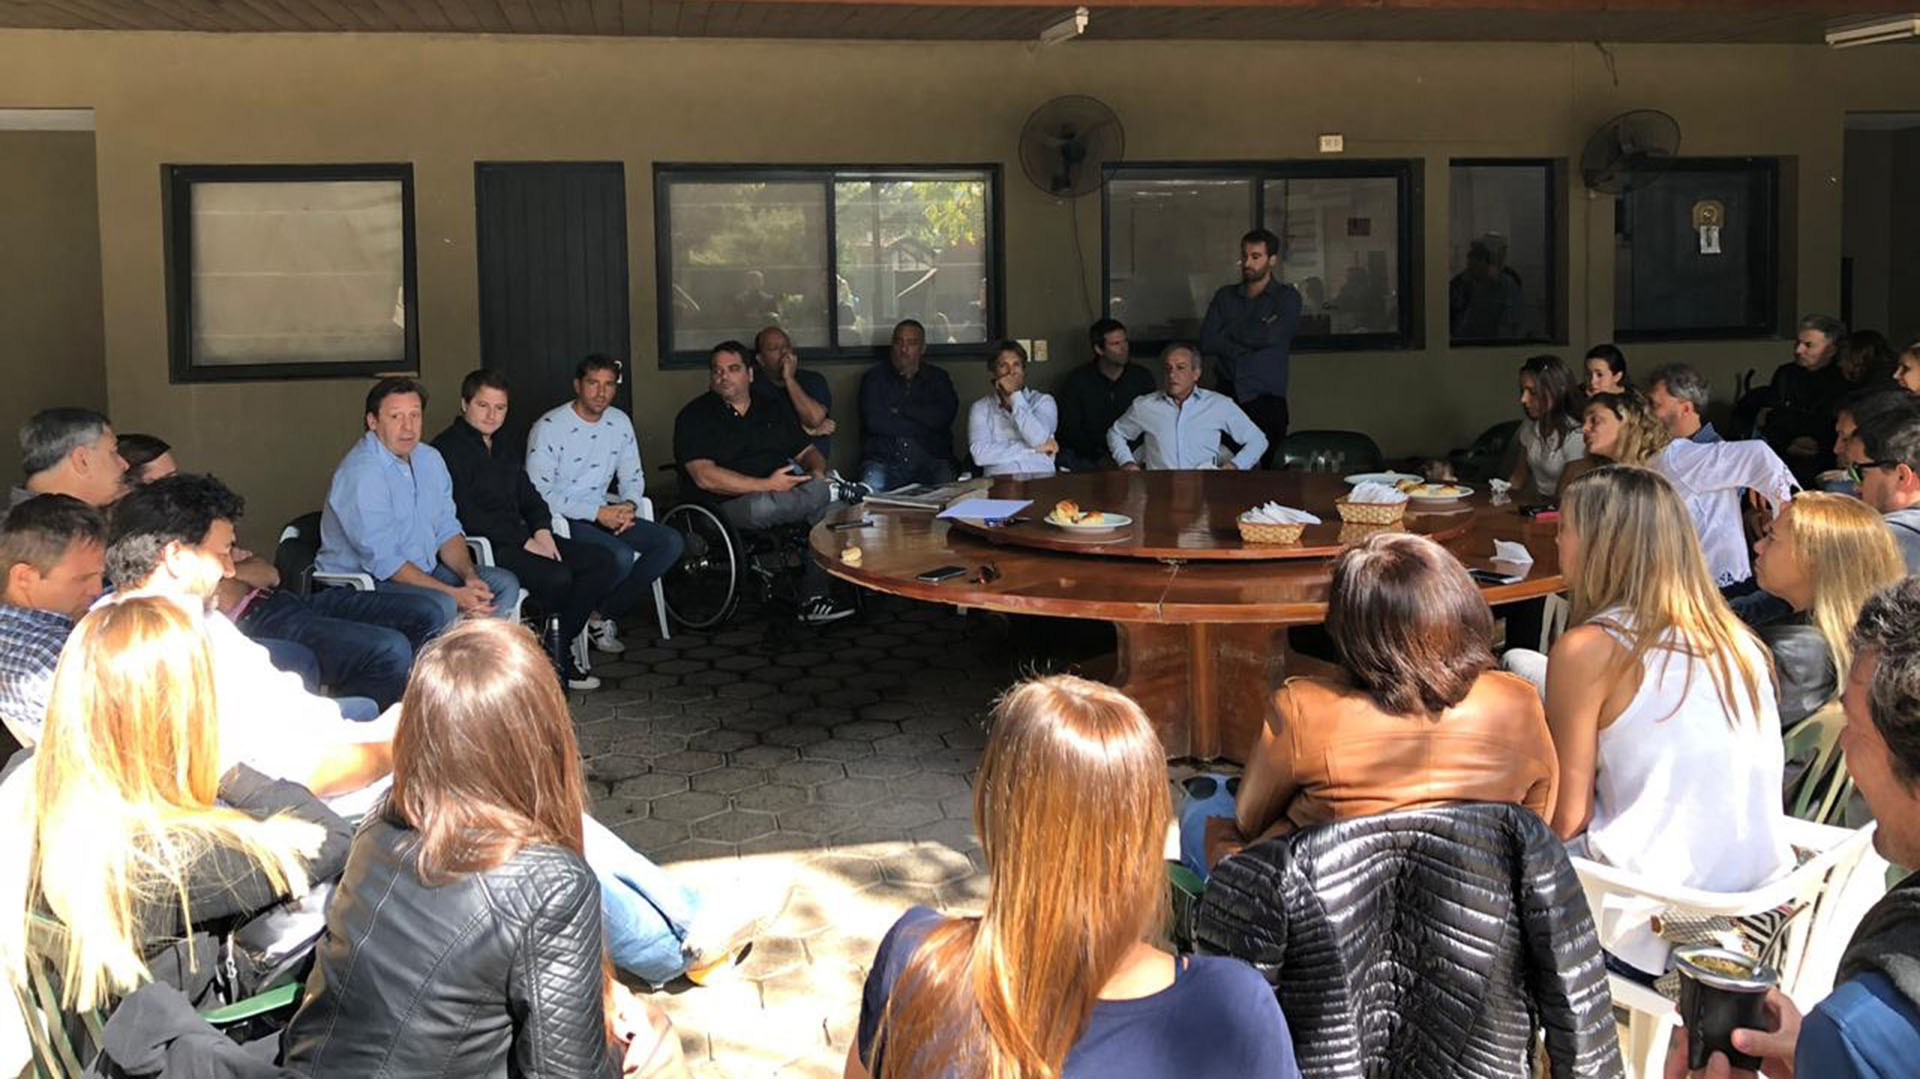 Dirigentes de Cambiemos compartieron un almuerzo el sábado pasado donde confirmaron a Triaca como armador en la provincia